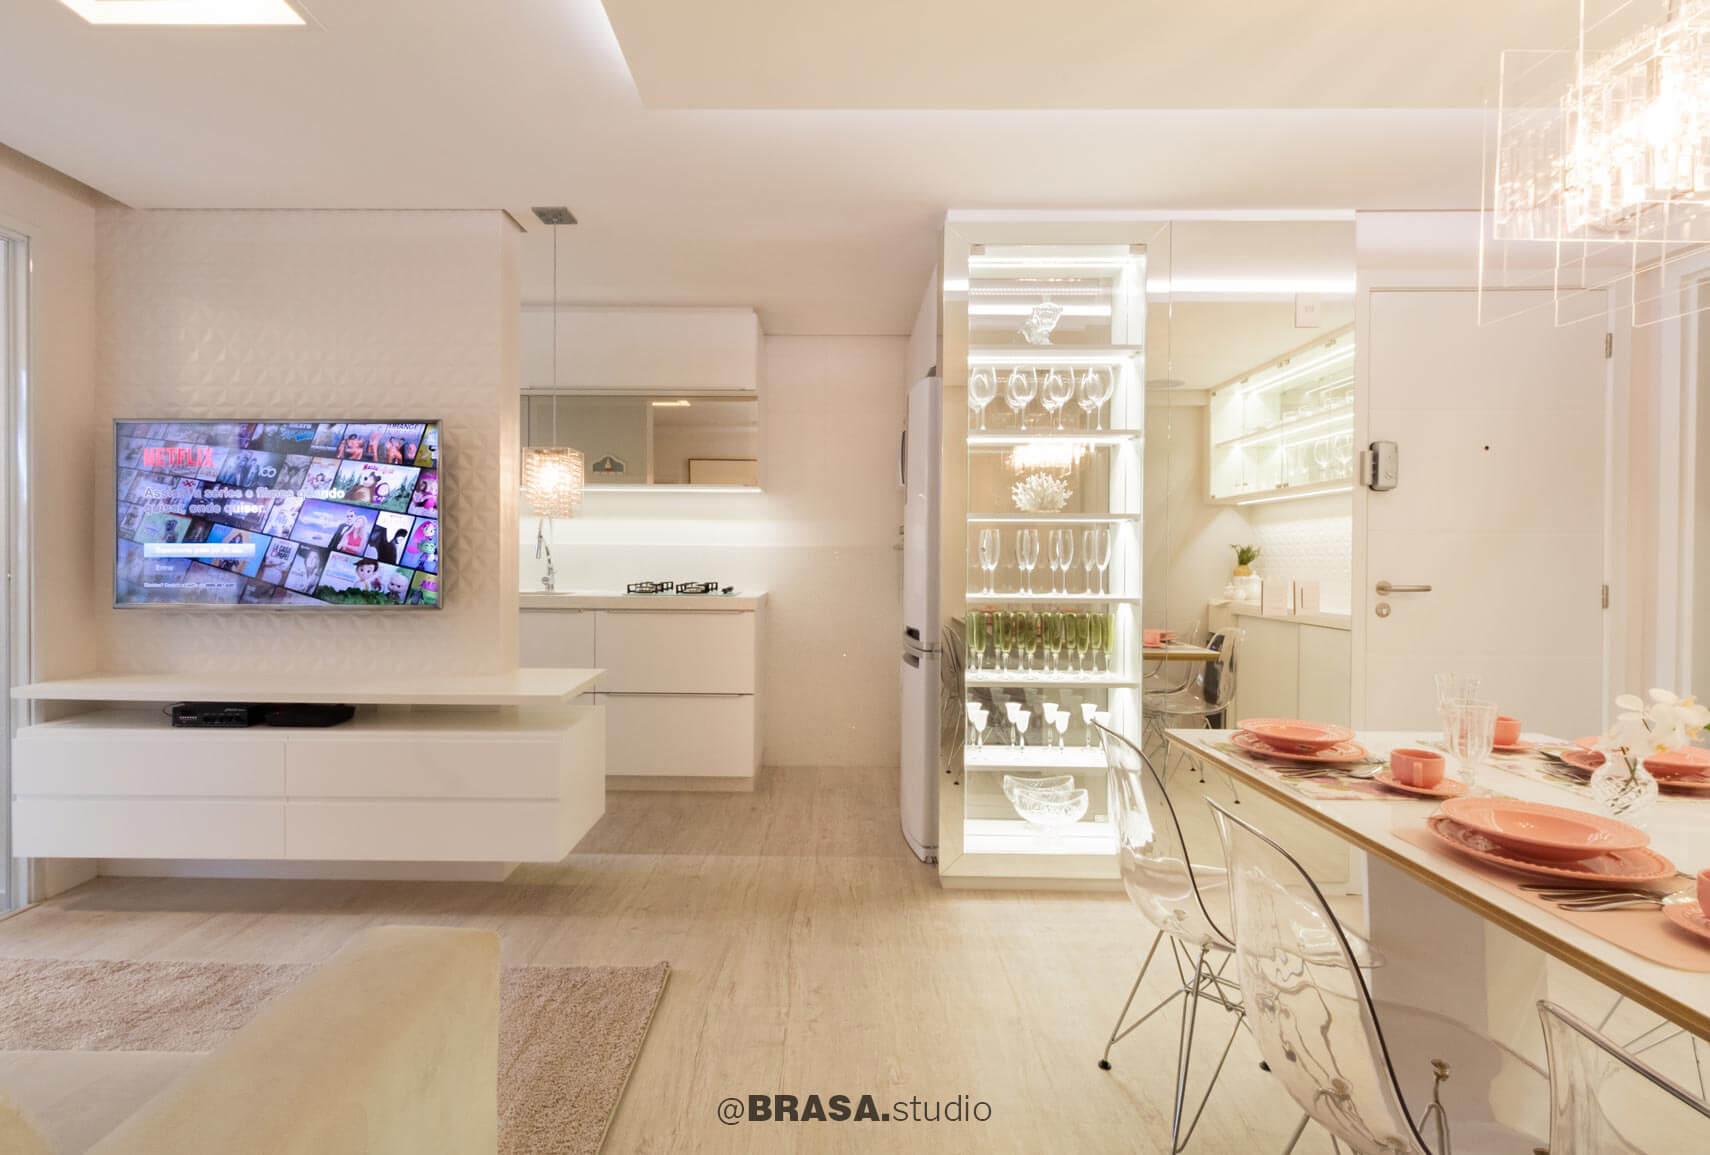 Projeto de interiores de apartamento, fotografia do living - BRASA studio